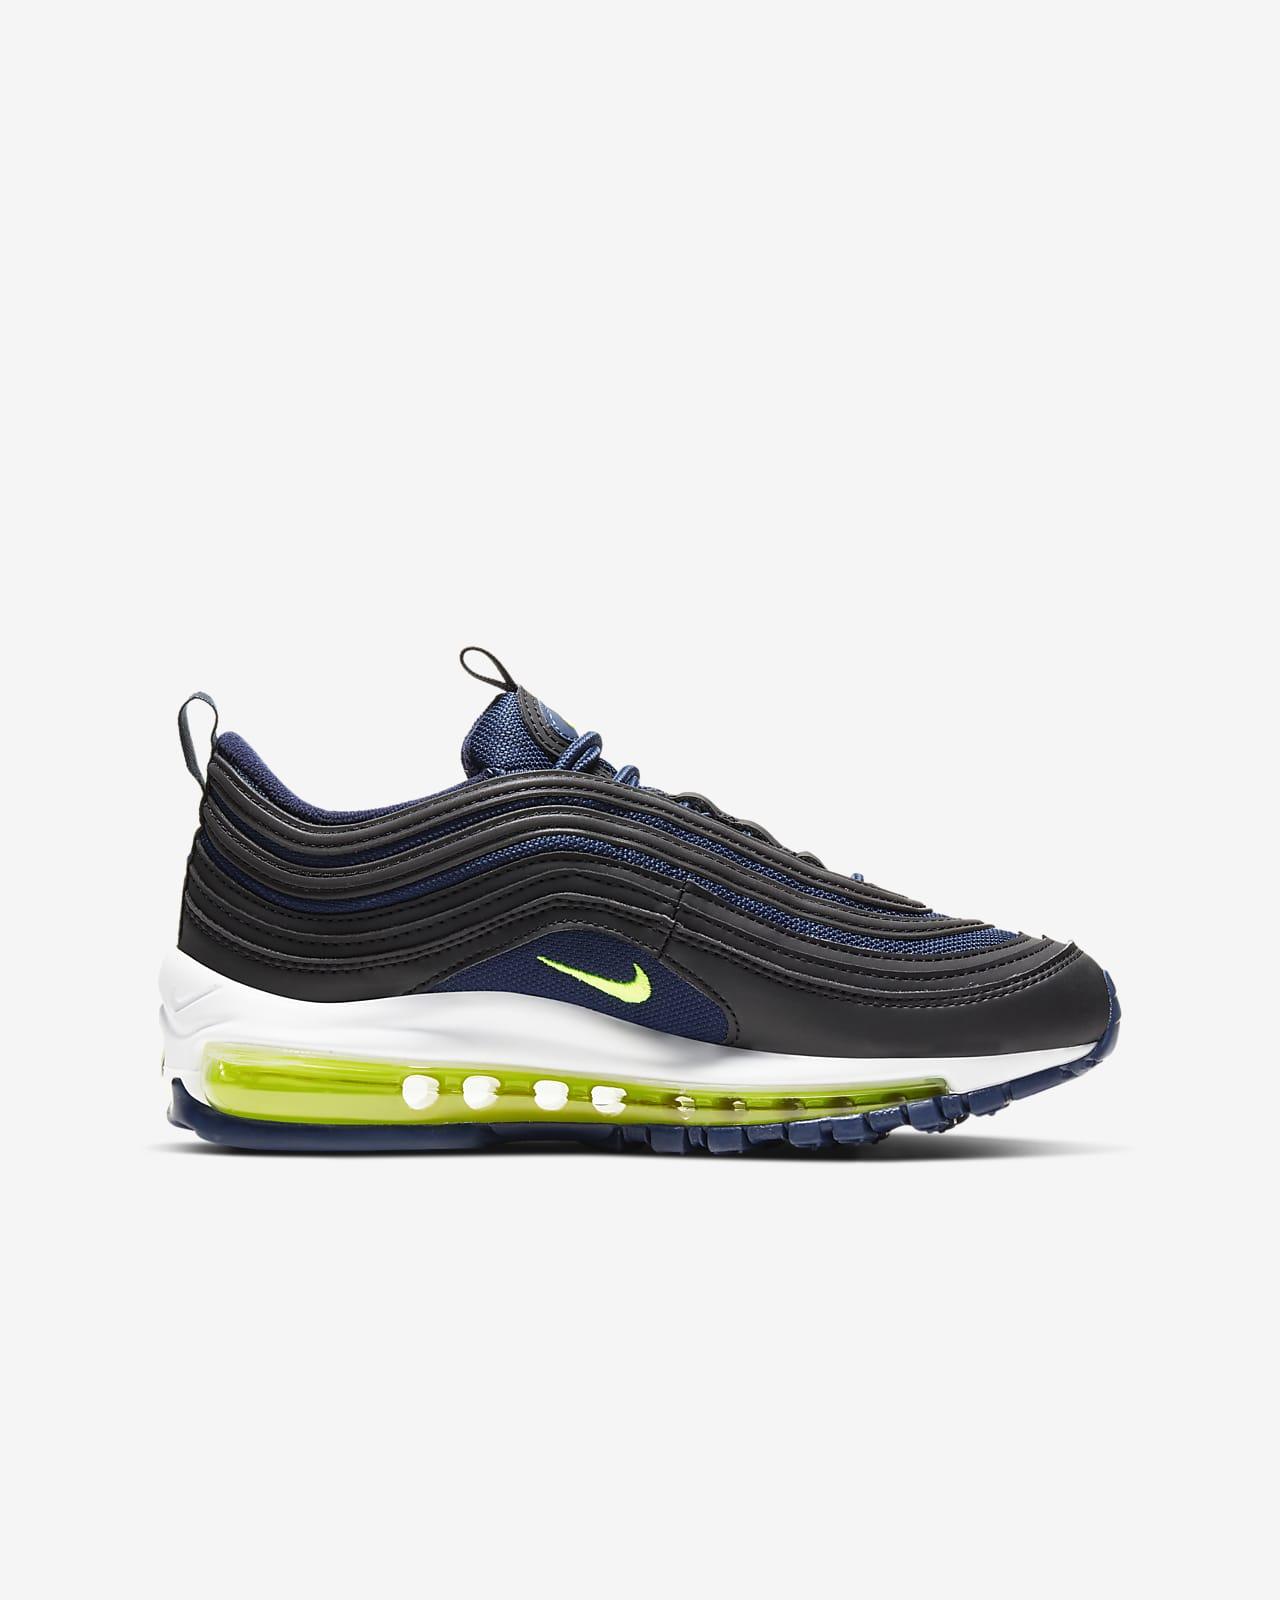 chaussure garcon nike air max 97